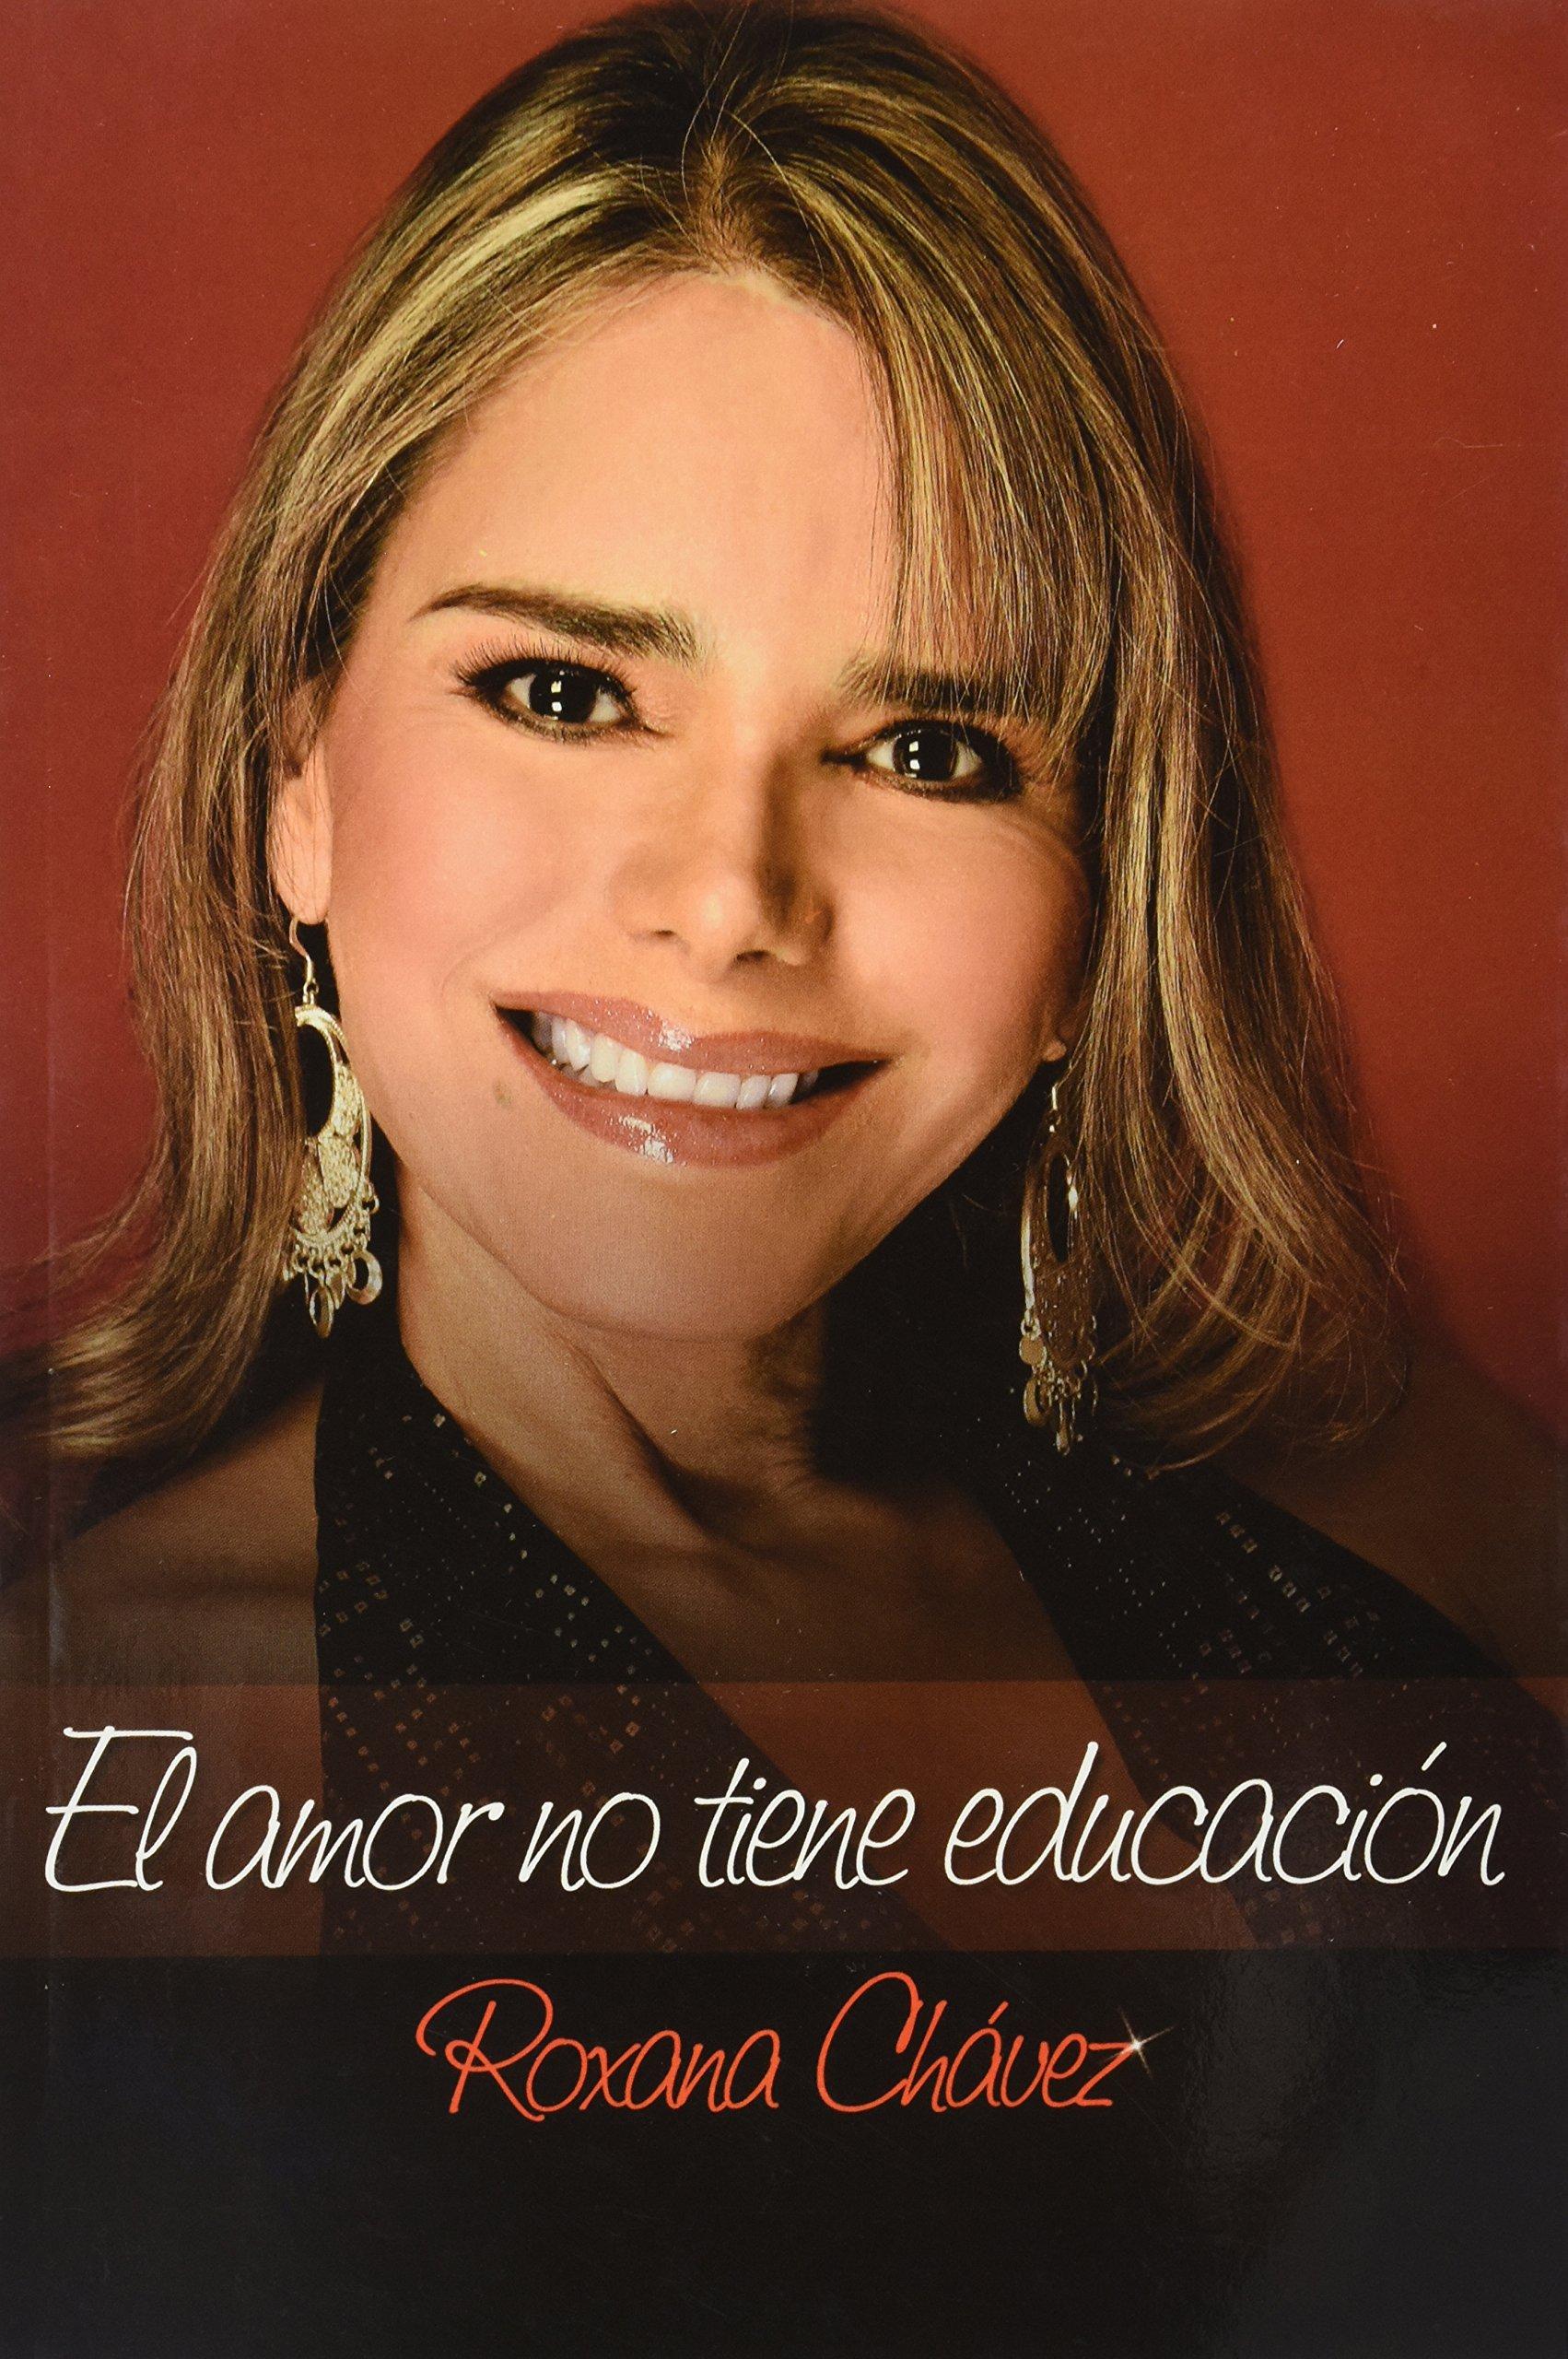 Roxana Chavez